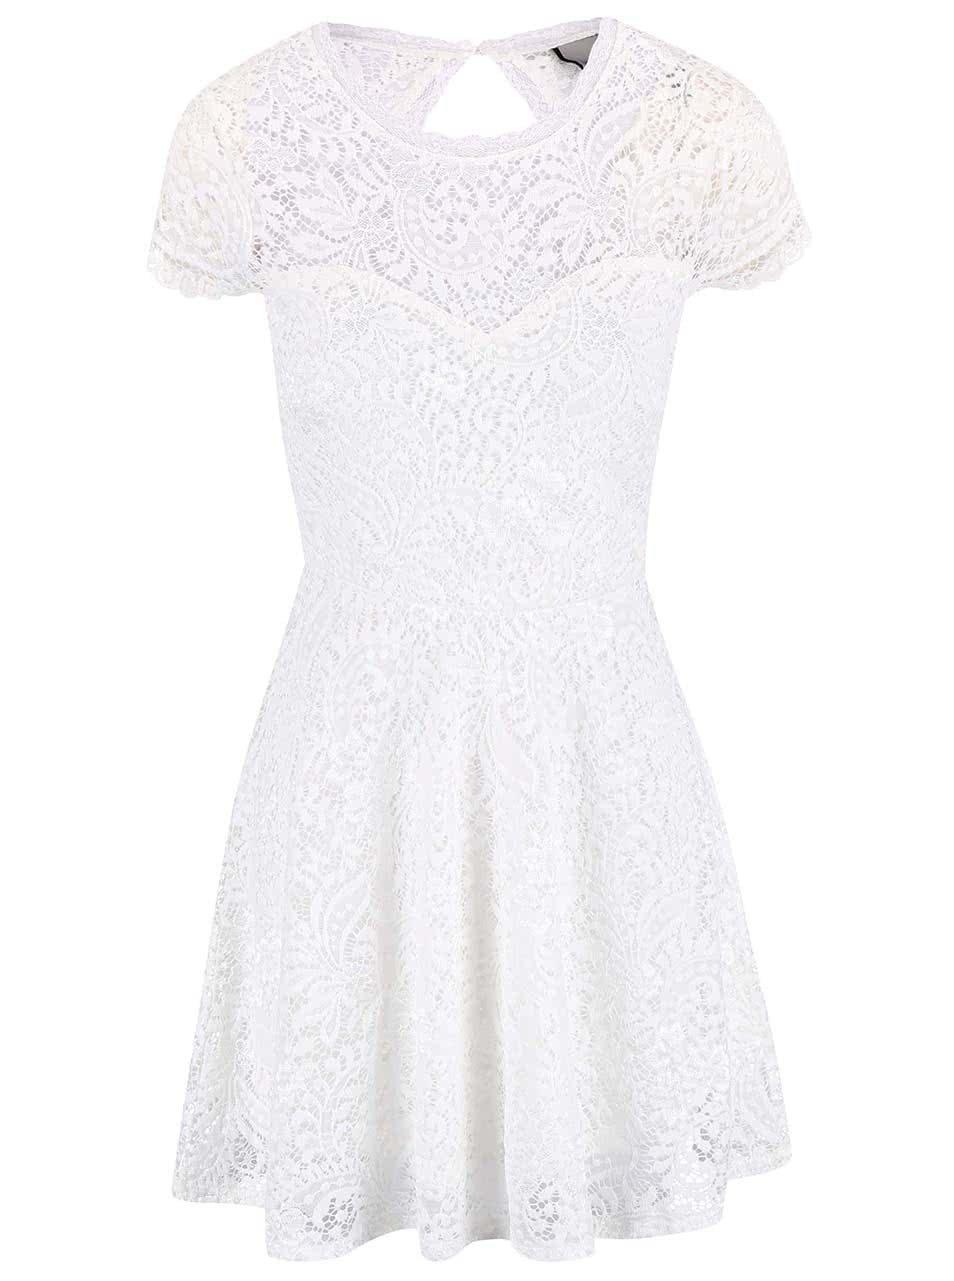 Bílé krajkované šaty VERO MODA Celeb ... 82df2a0883f